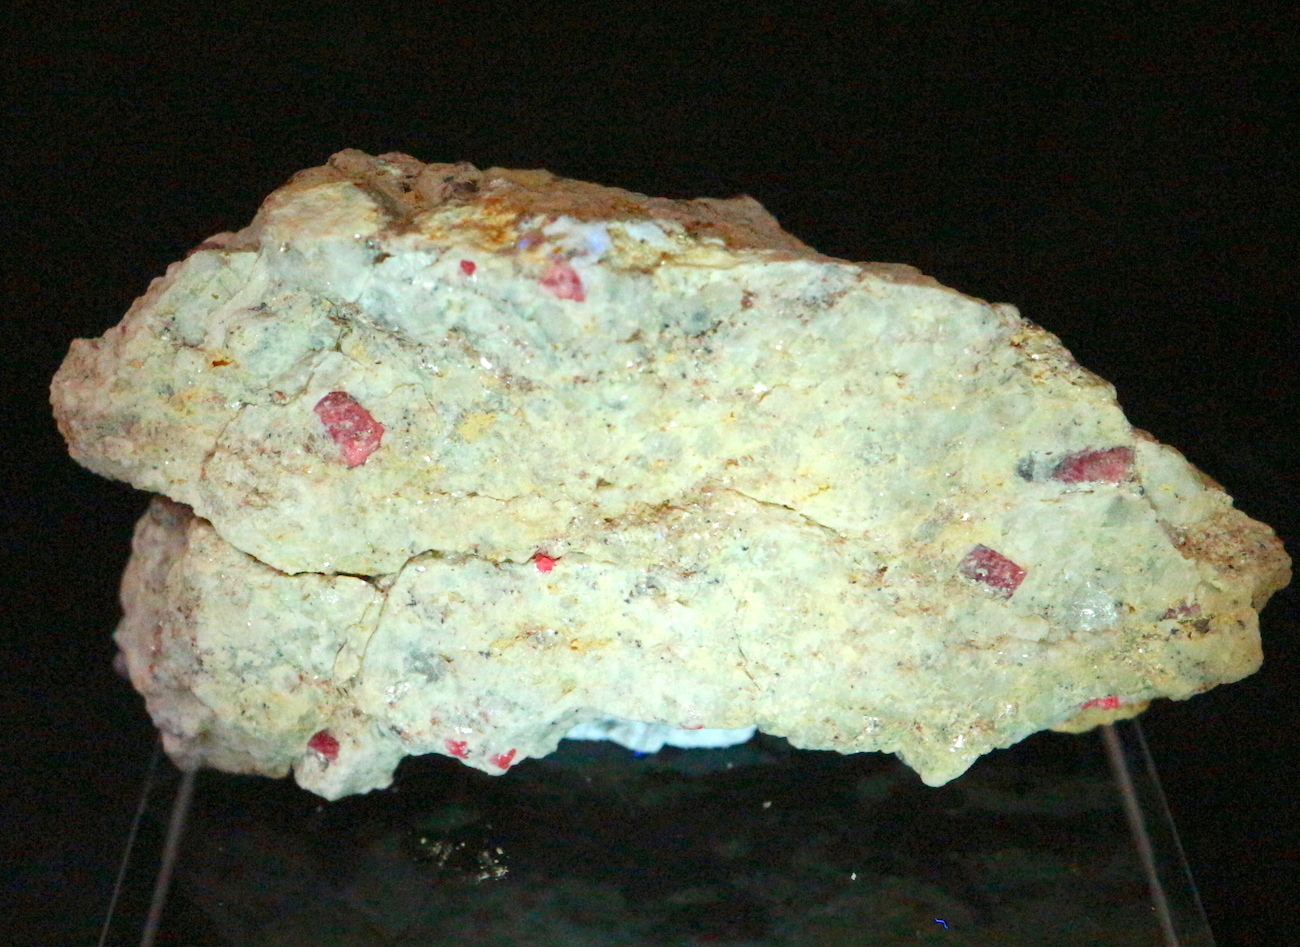 カリフォルア産 コランダム ルビー サファイア 原石  119,2g RB023 鉱物 天然石